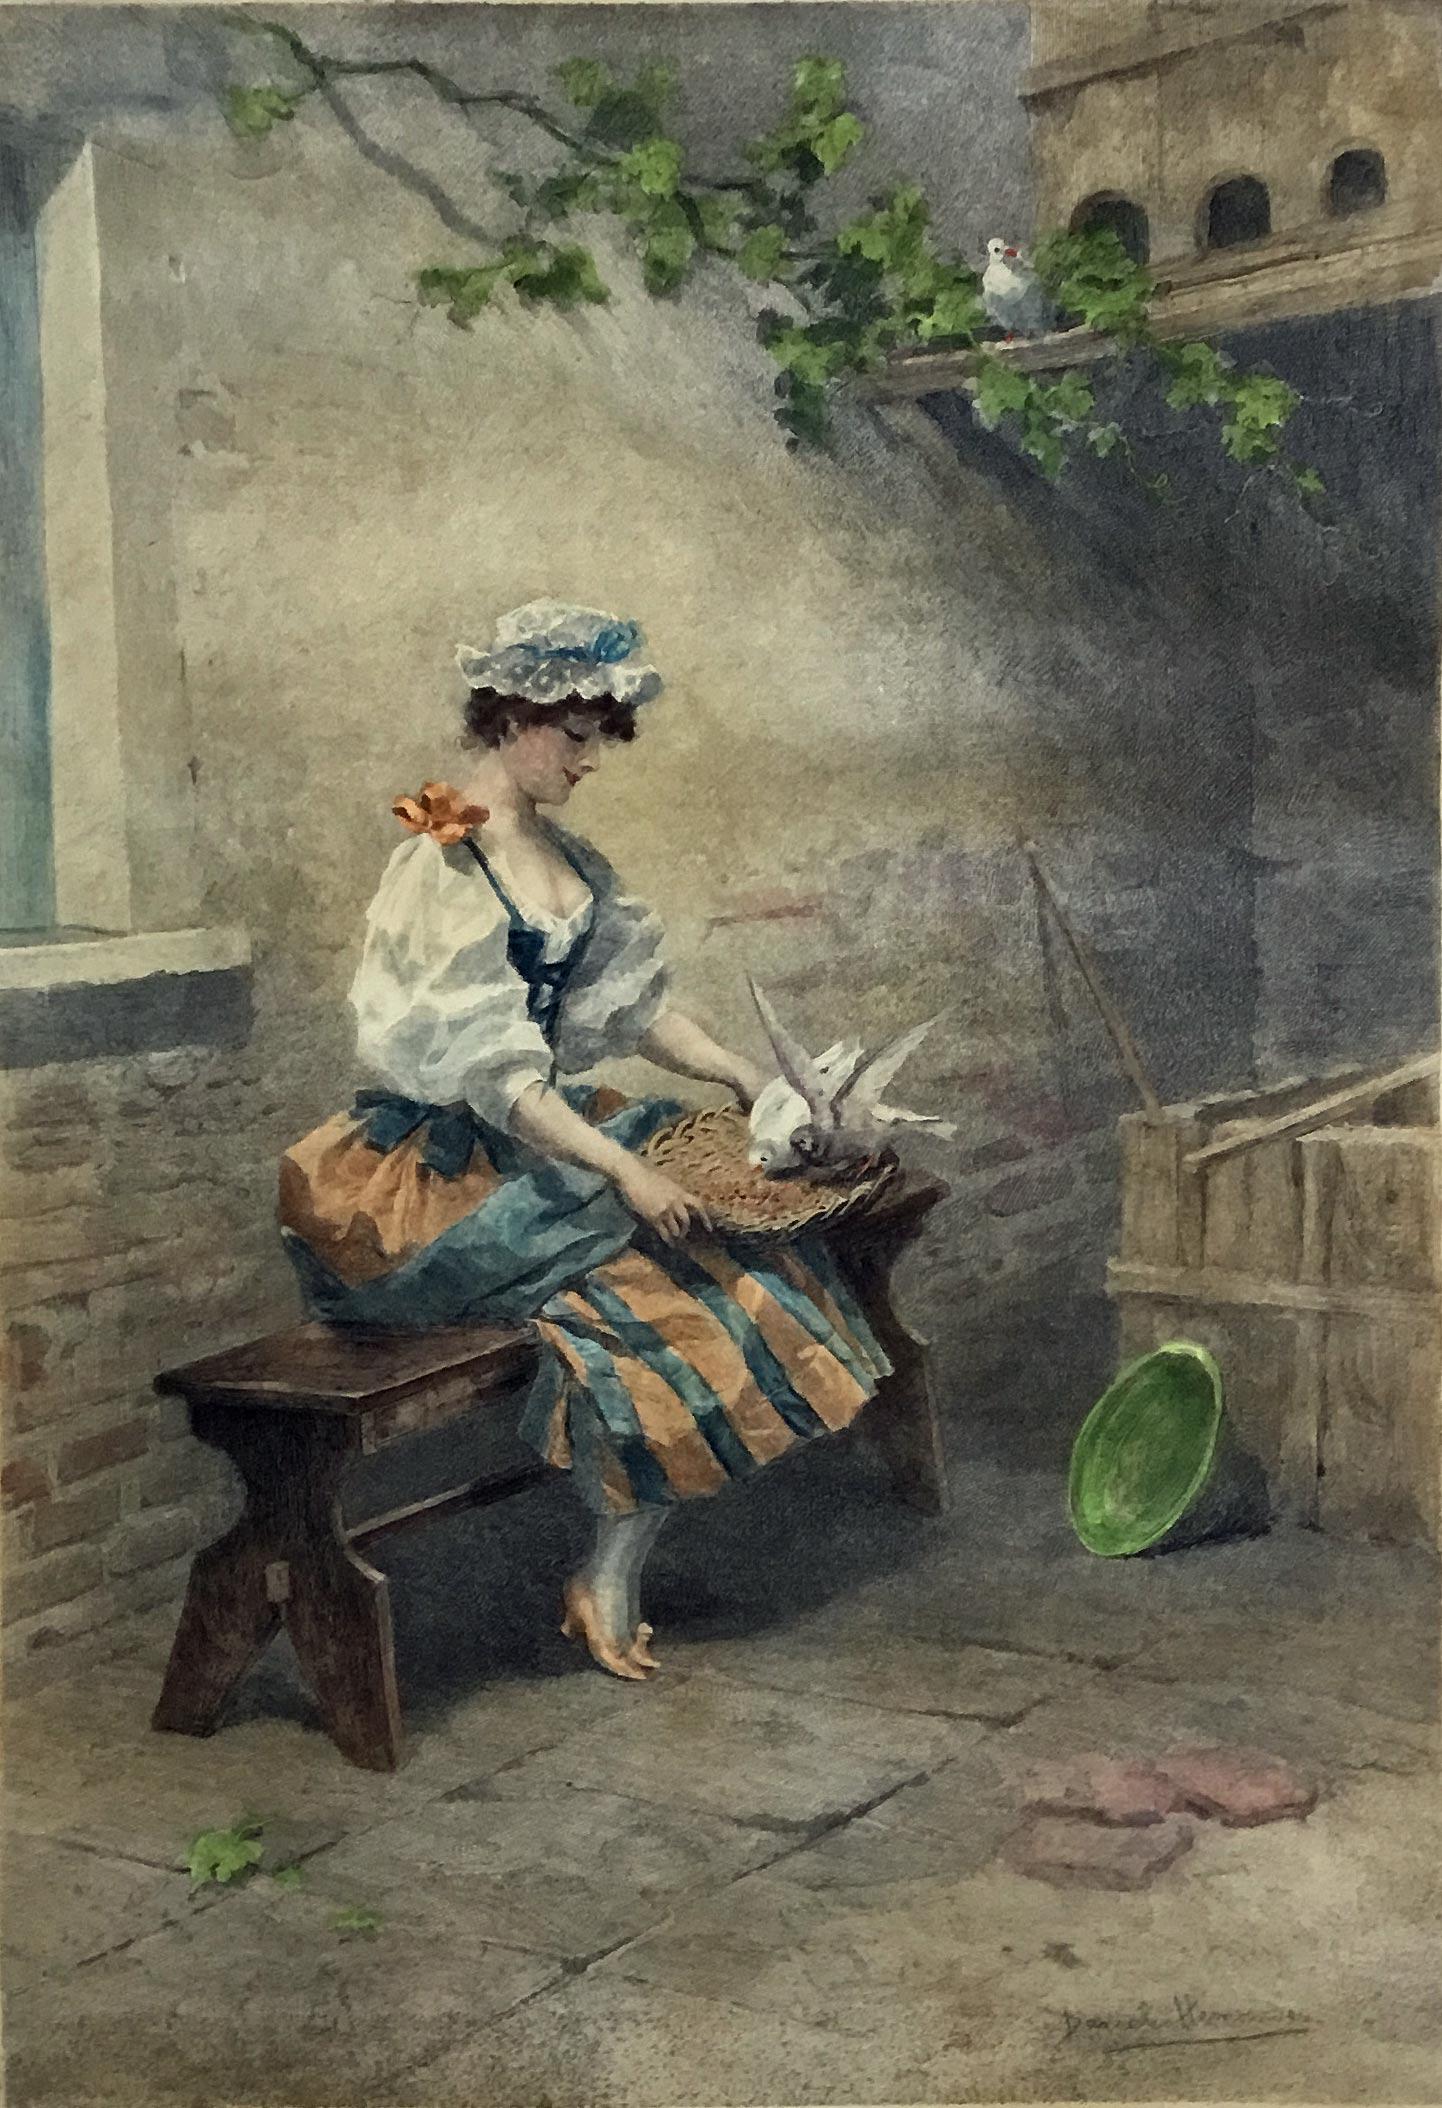 DANIEL HERNANDEZ MORILLO 1856 -1932